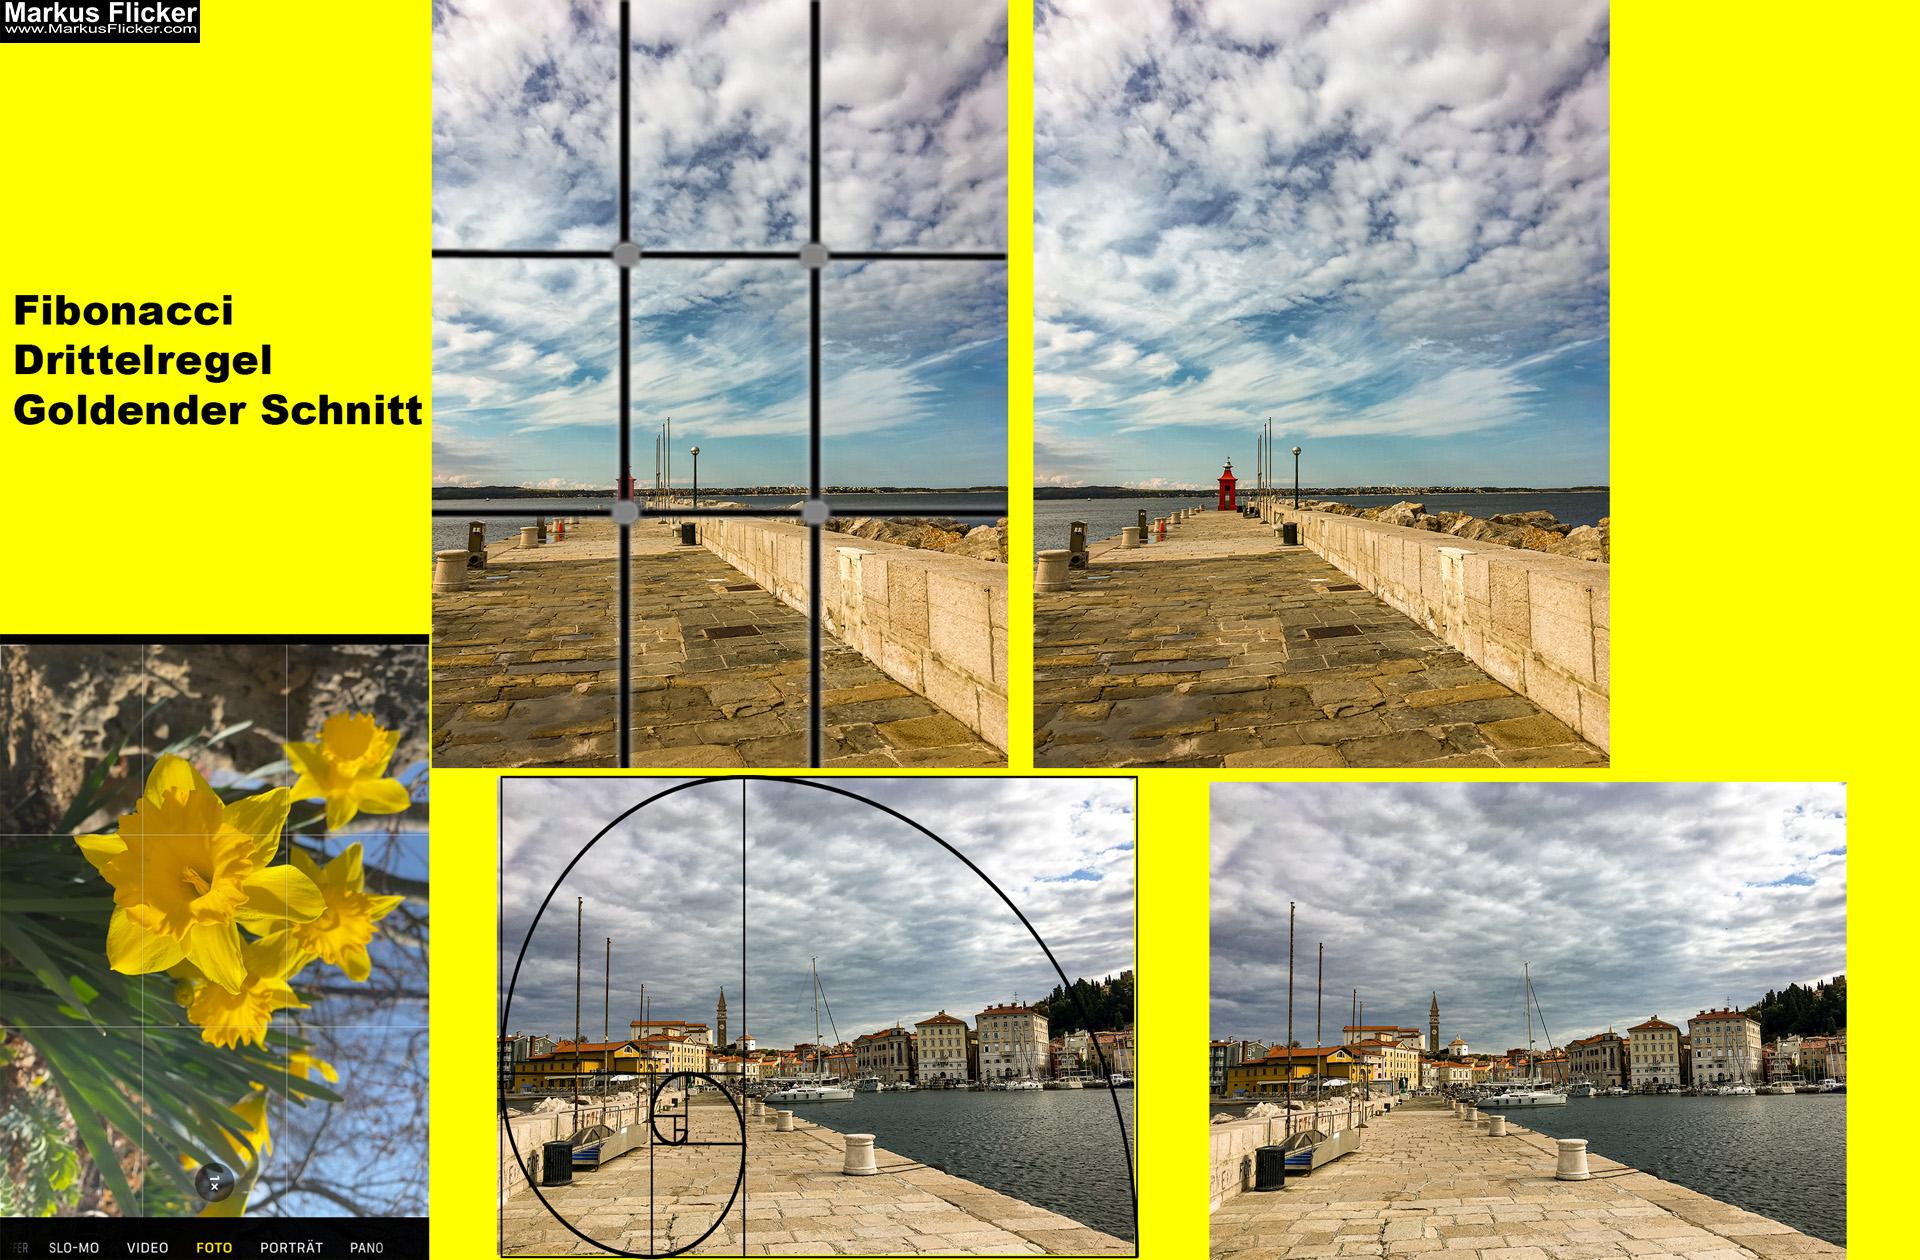 Fotografieren von Formen und Linien